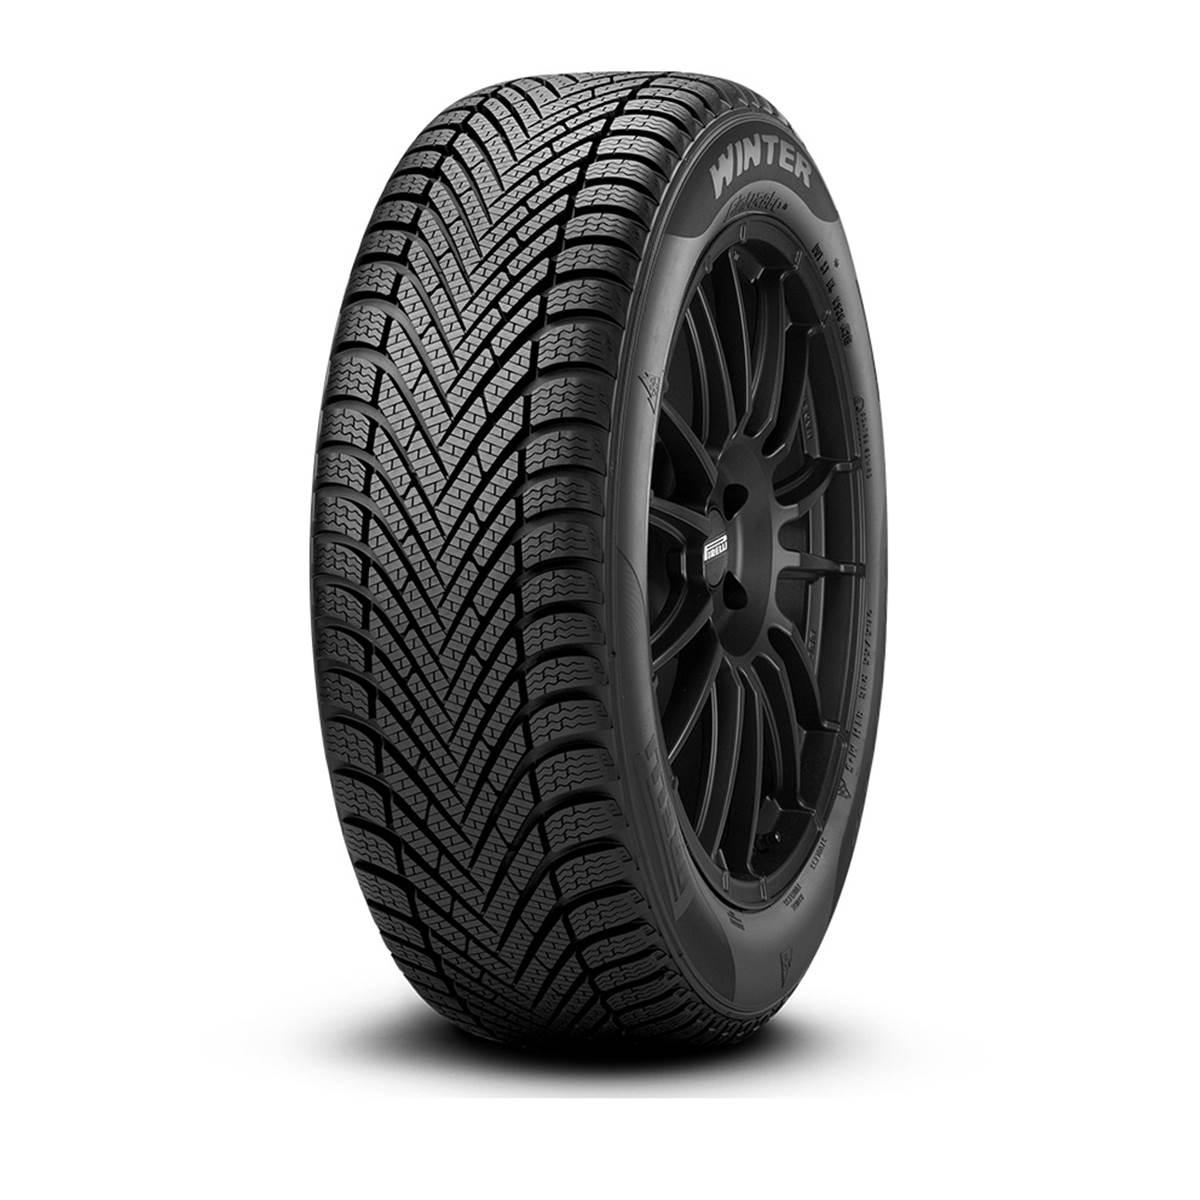 Pneu Hiver Pirelli 205/50R17 93T Cinturato Winter XL